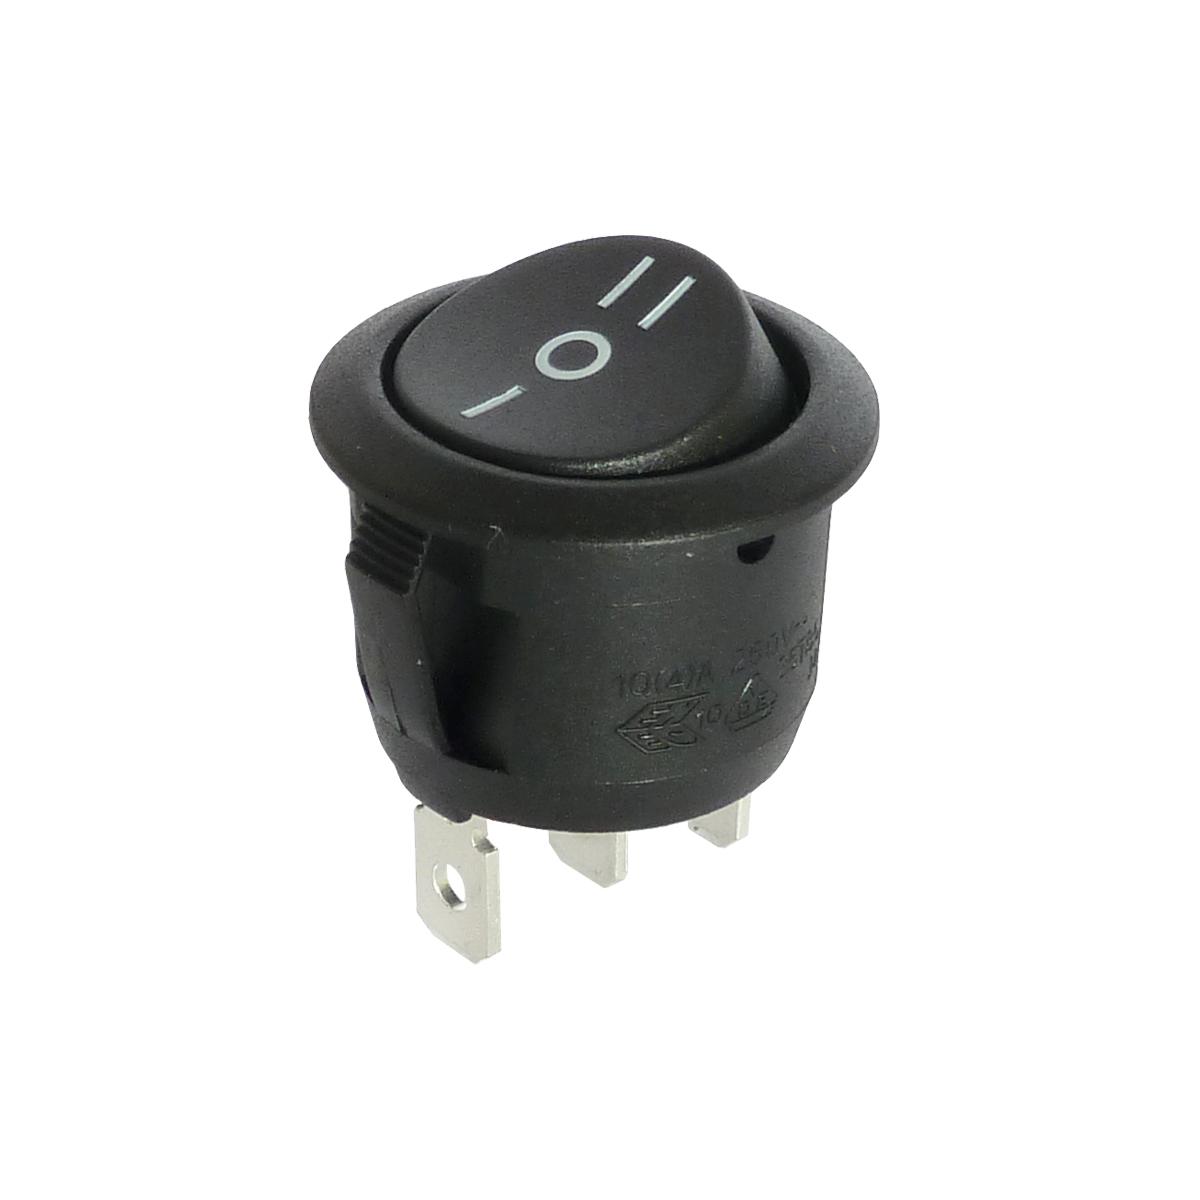 Interrupteur à bascule rond noir, On-Off-On, 250V